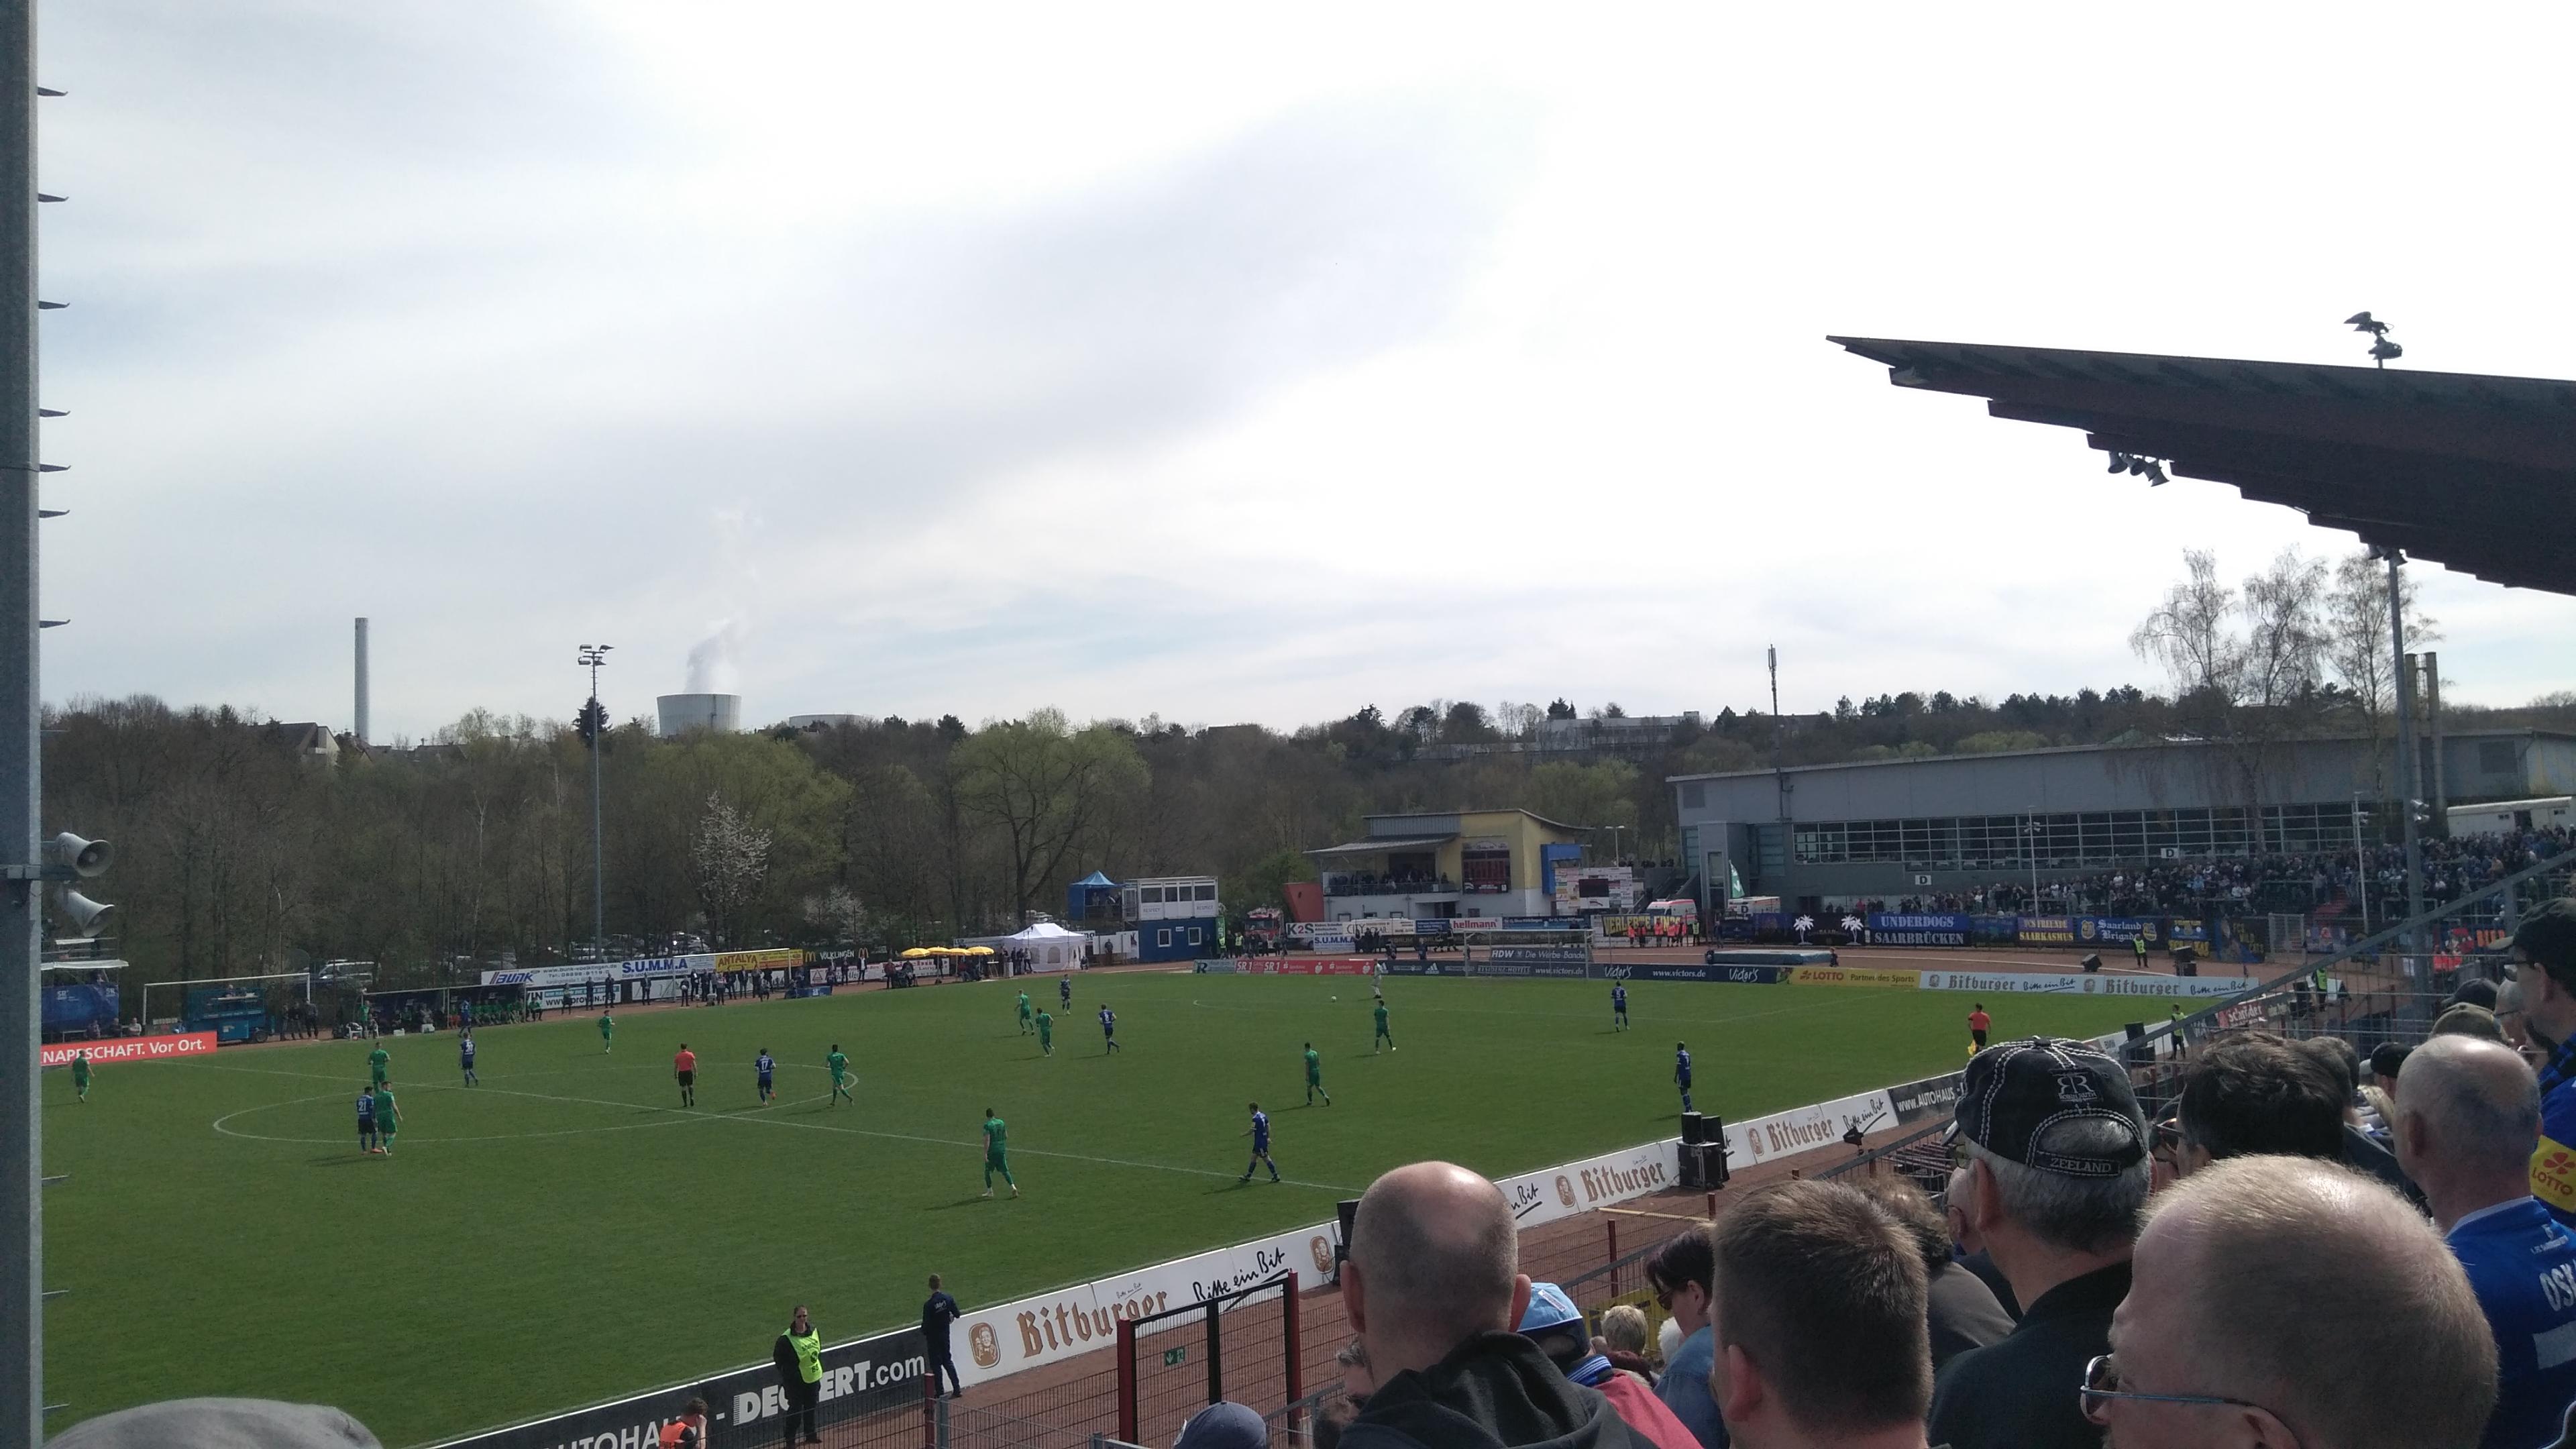 Bei strahlendem Sonnenschein sehen etwas mehr als 3.000 Zuschauer im Hermann-Neuberger-Stadion in Völklingen das Saarderby 1. FCS gegen den FC Homburg.